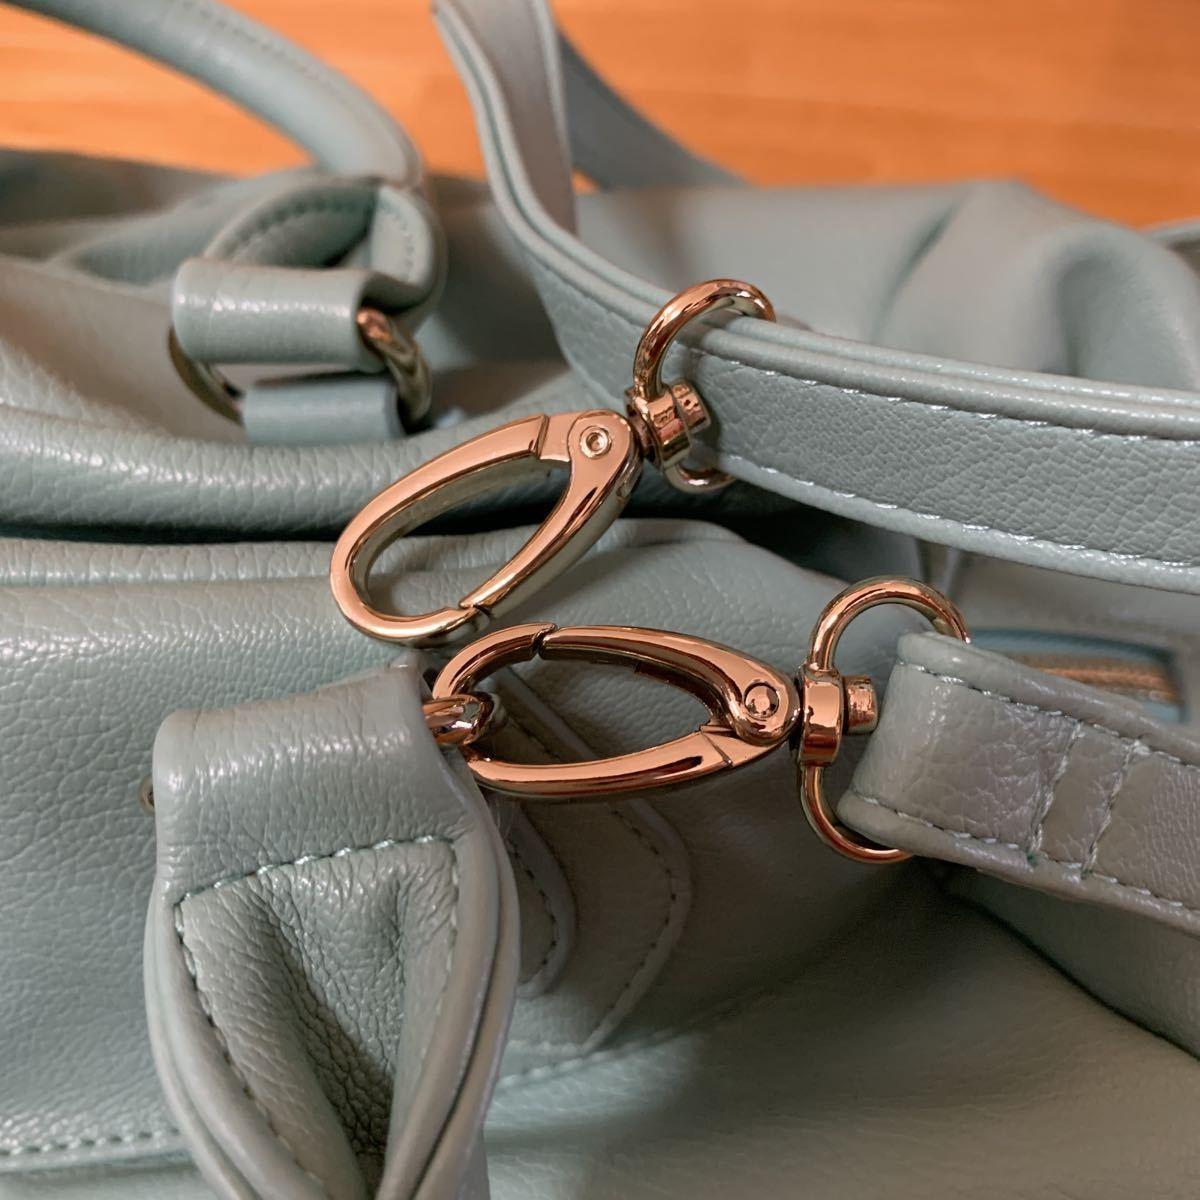 バッグ FREE'S PHRASE レディース バッグ 鞄 レザー(合皮) ショルダーバッグ 中古 美品 送料無料